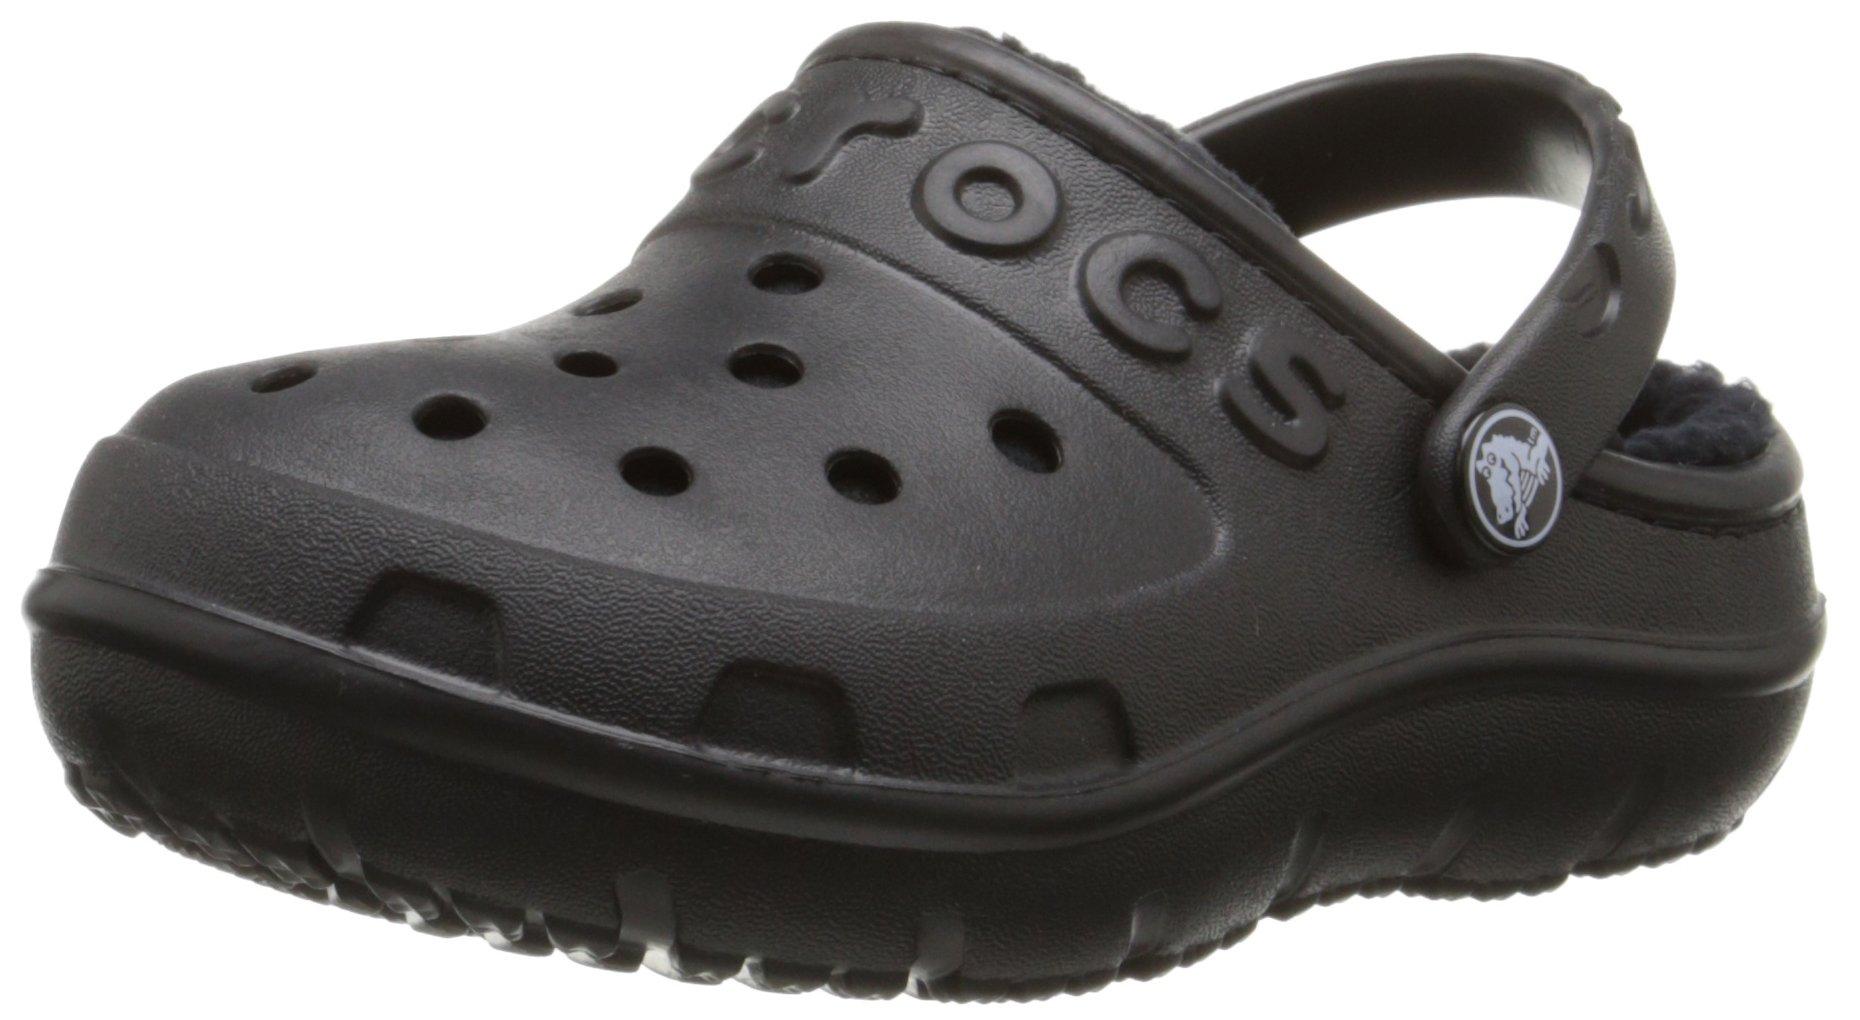 crocs Hilo Lined Clog (Toddler/Little Kid), Black/Black, 10 M US Toddler by Crocs